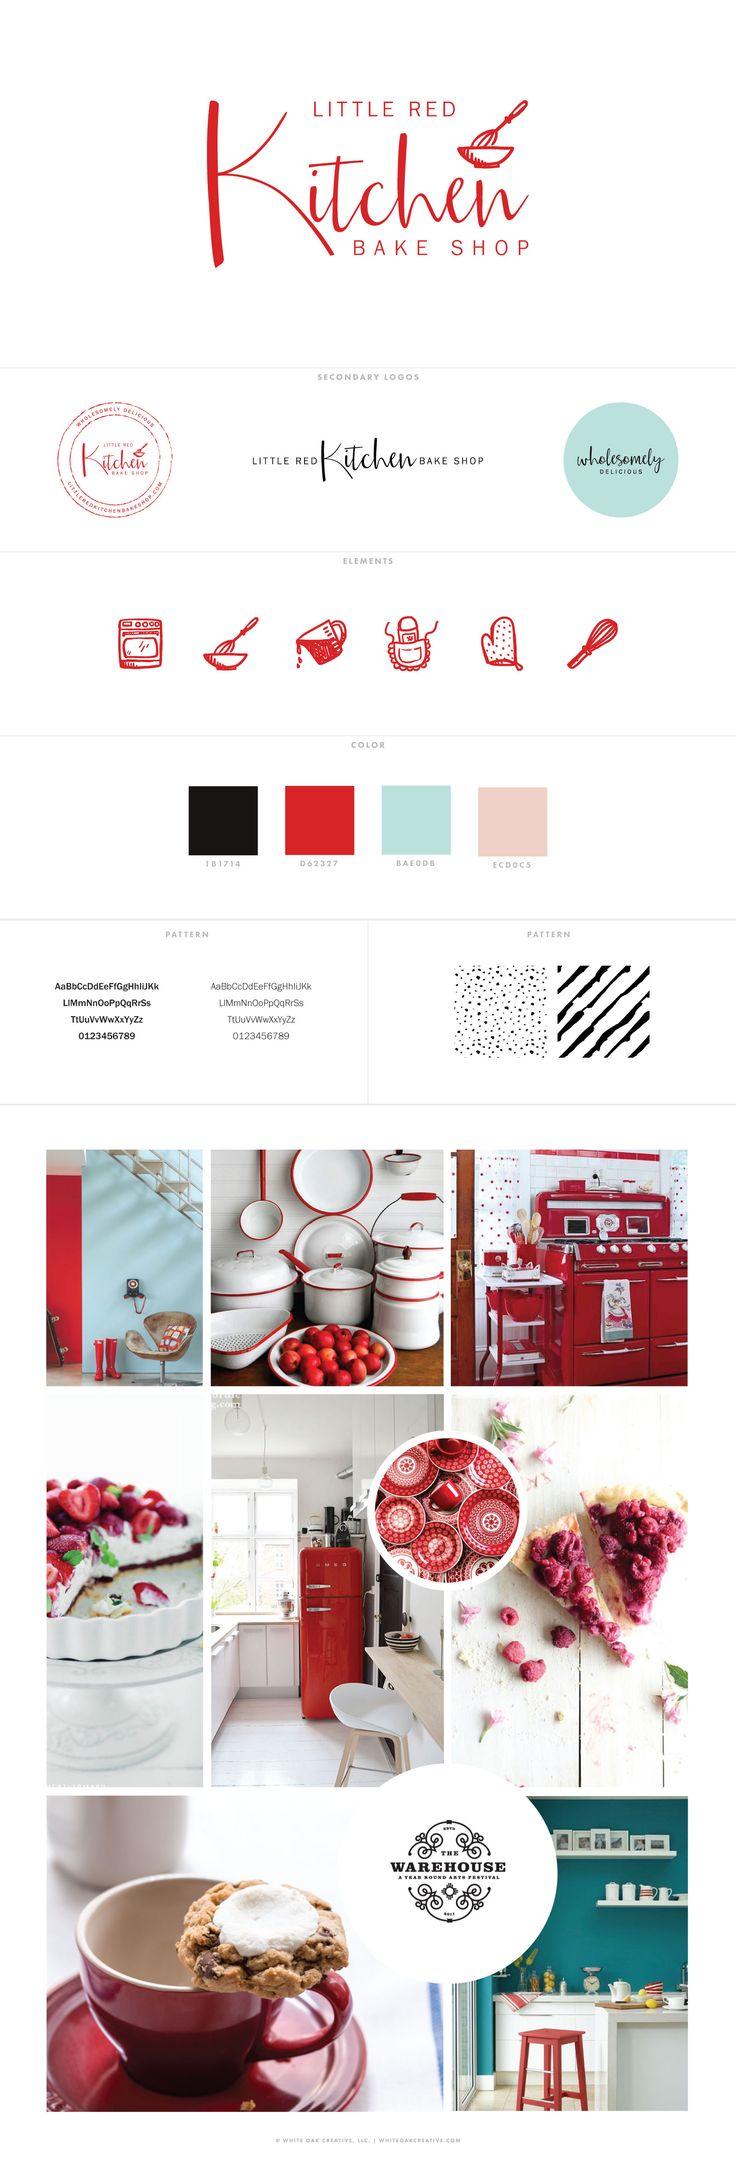 Little Red Kitchen Bake Shop Logo Design, Brand Identity, Handwritten Logo, Red + teal